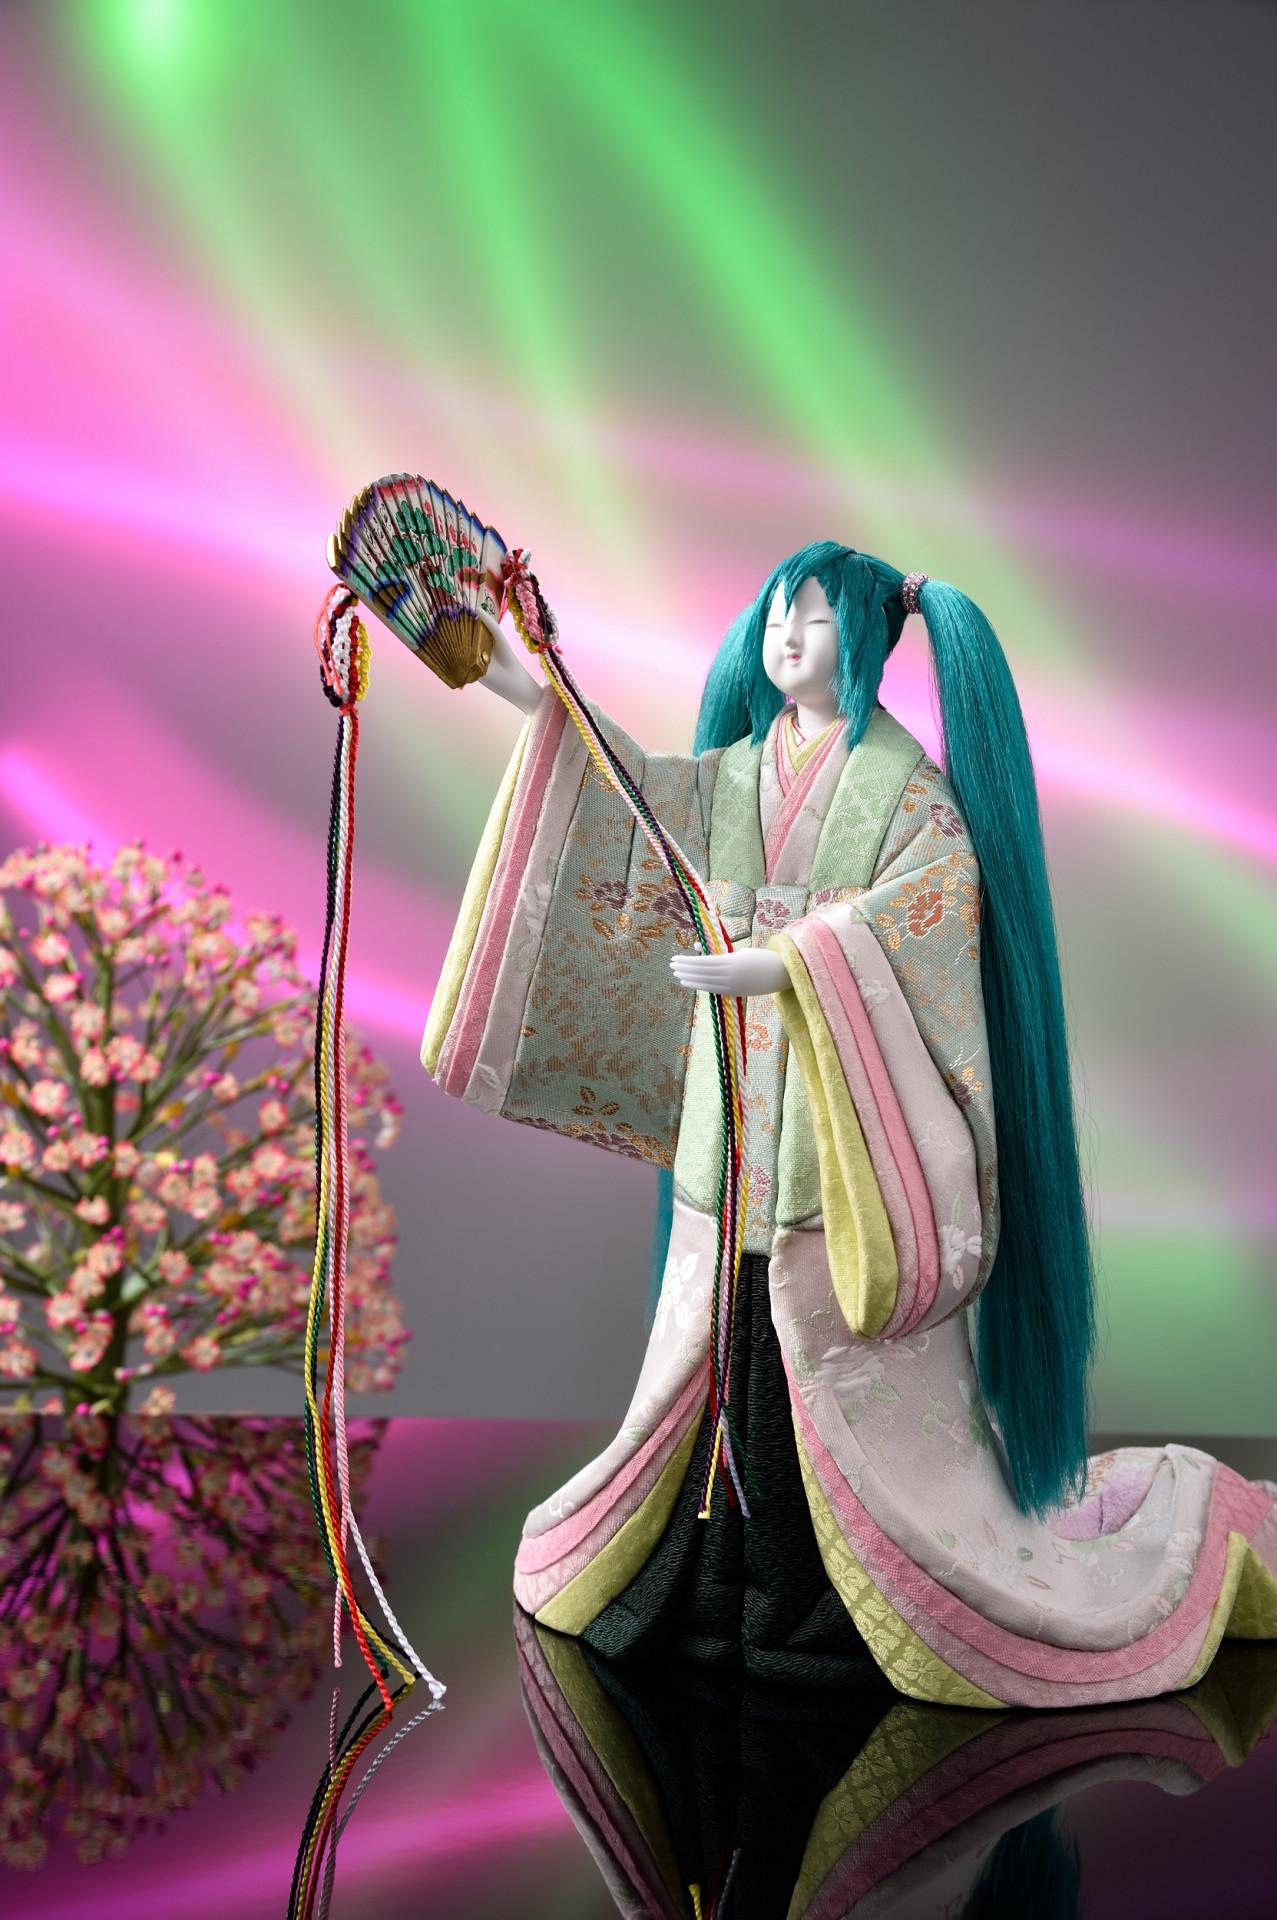 하츠네 미쿠의 키메코미 인형이 제작되었다고 합니다.